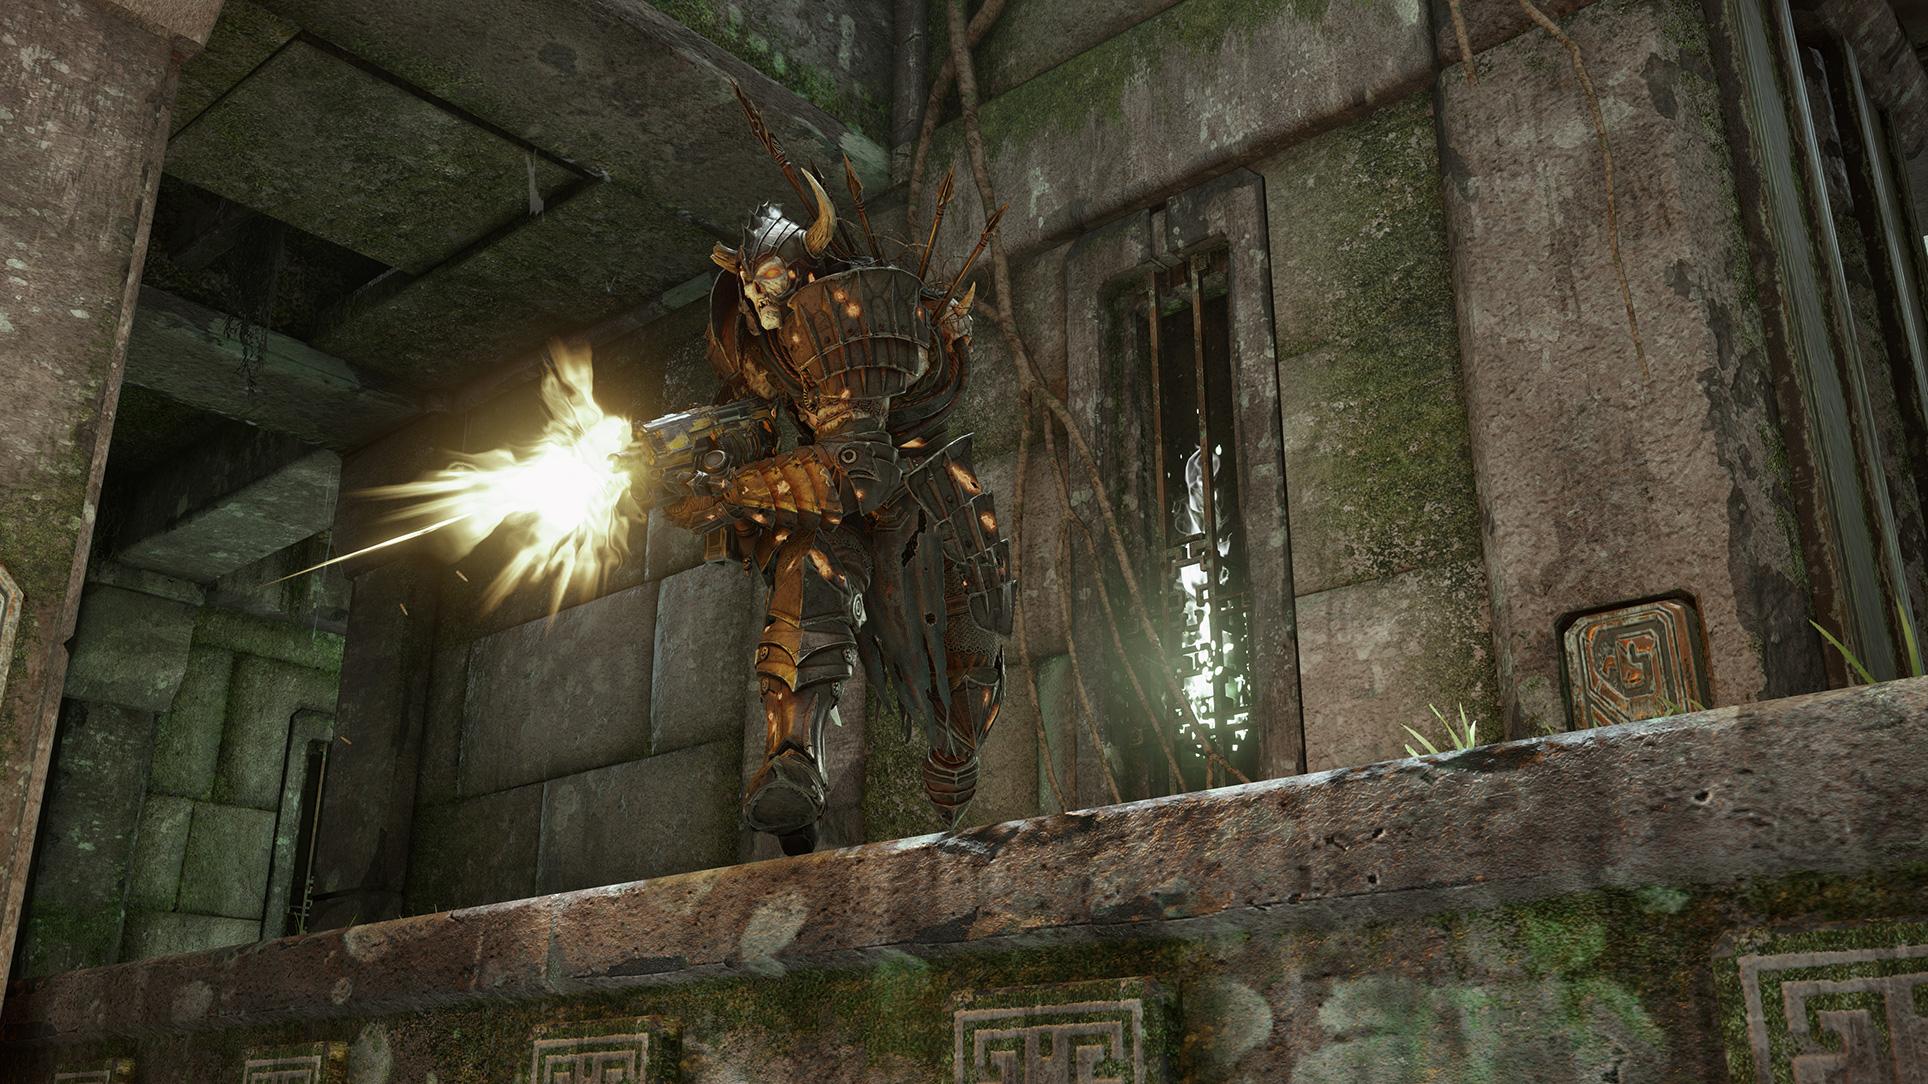 """""""Fallout""""- und """"Elder Scrolls""""-Mastermind Todd Howard nutzte die Gunst der Stunde, um das veränderte Perk-System von """"Fallout 76"""" zu präsentieren."""